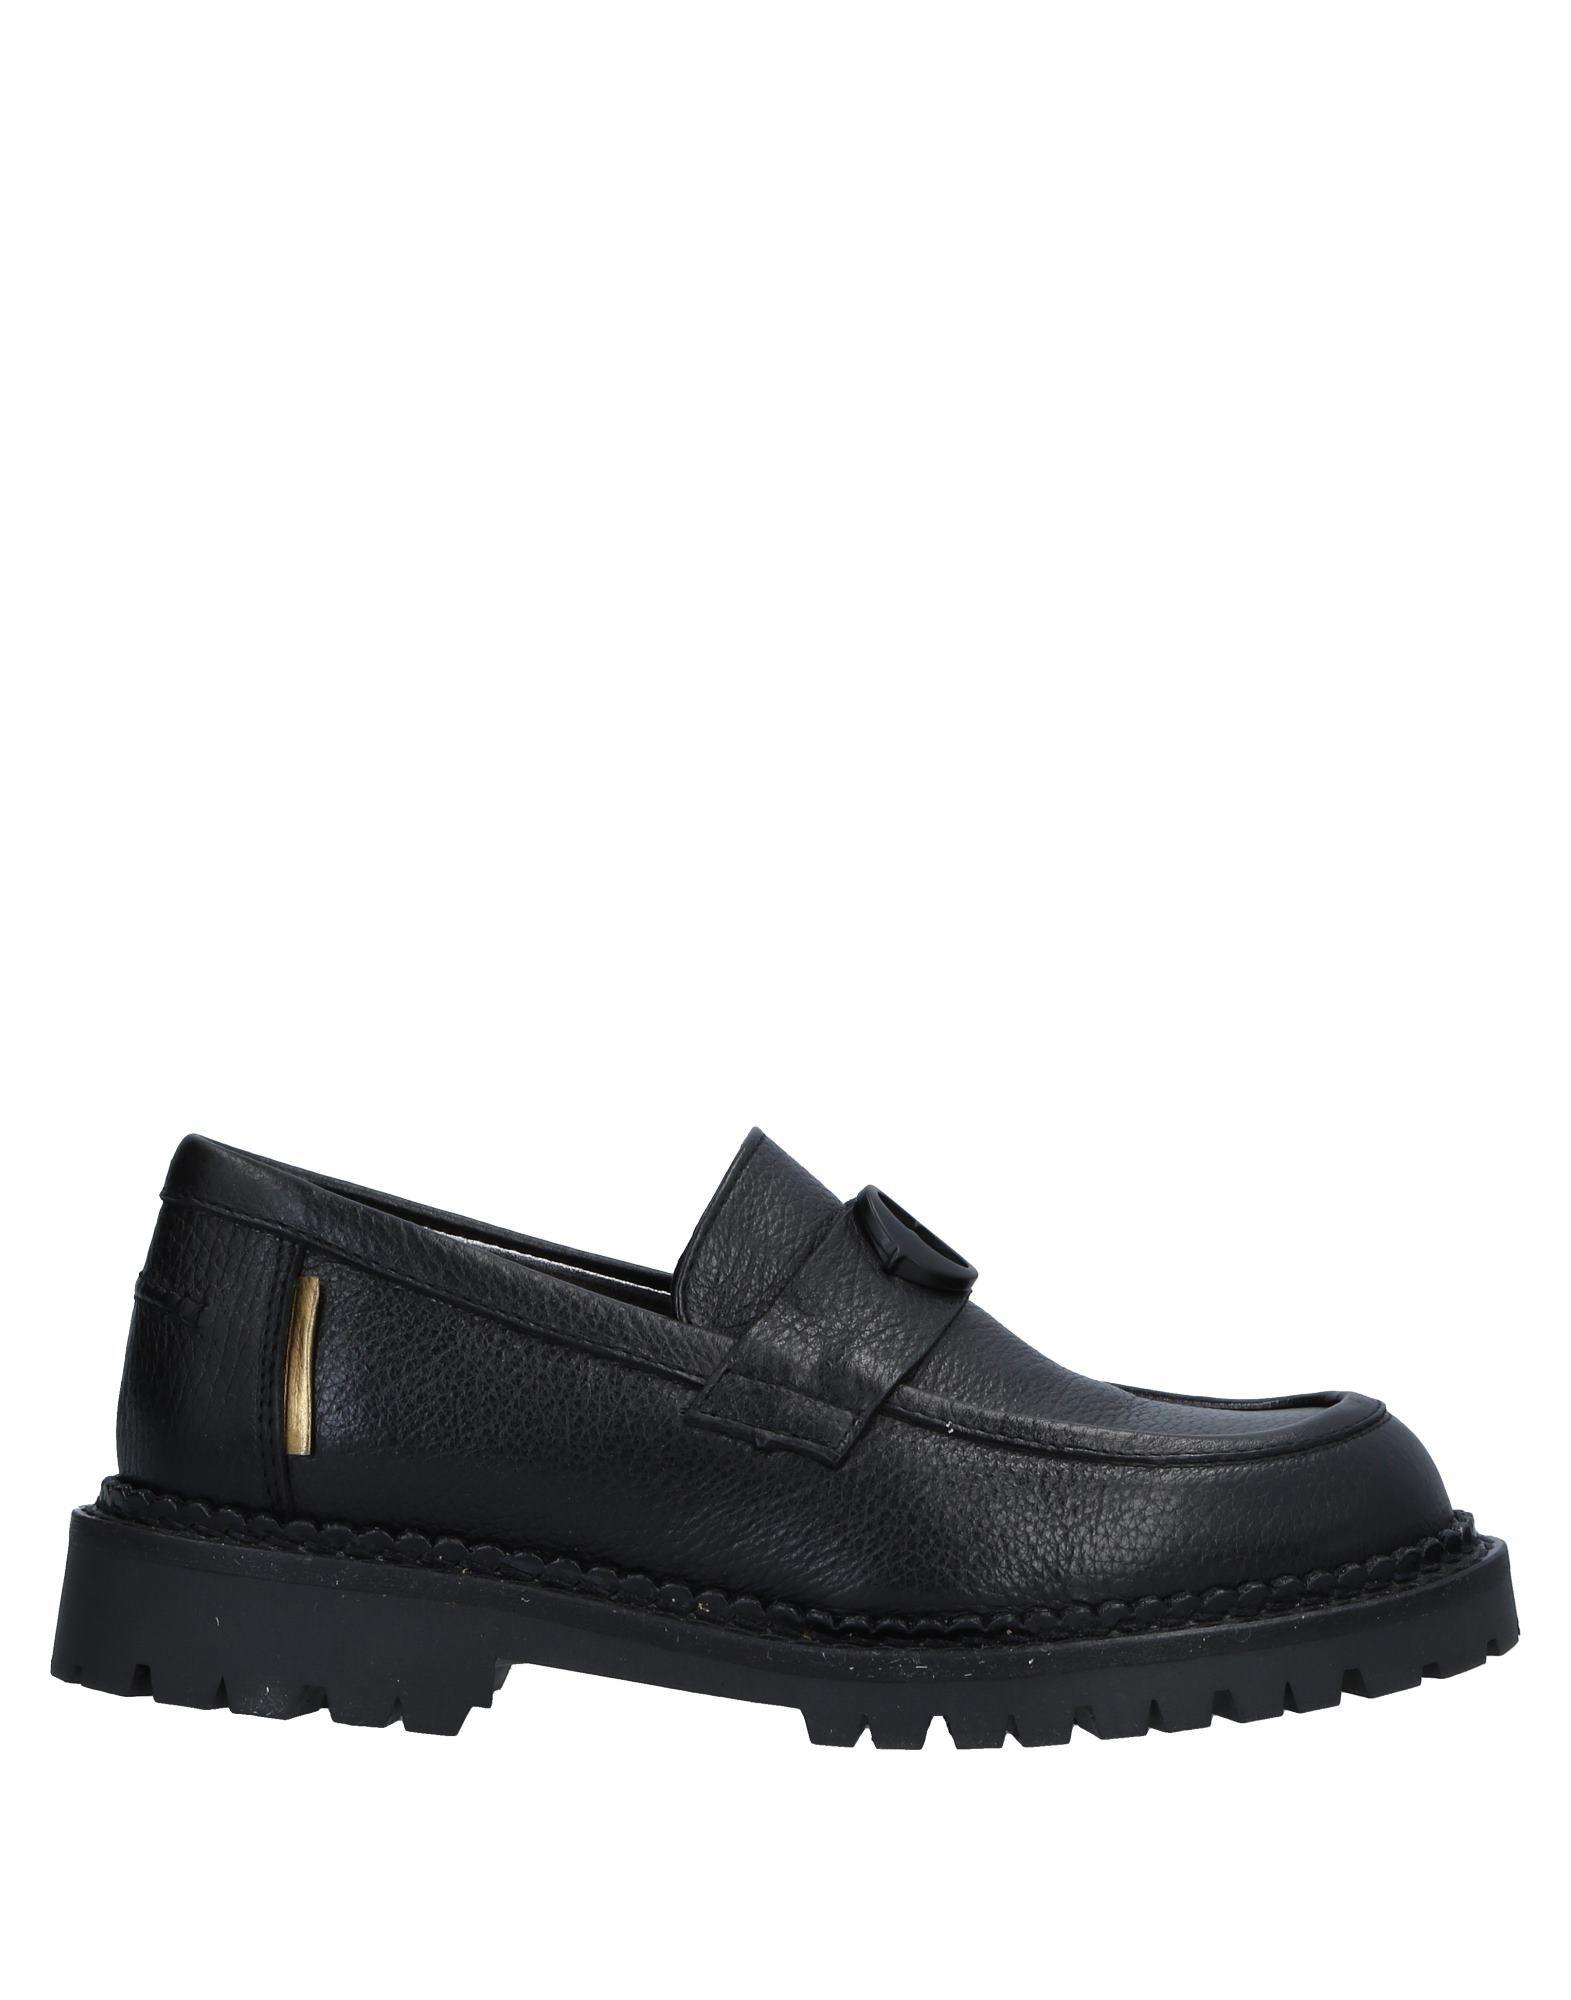 Ottod'ame Mokassins Damen  11534058OU Gute Qualität beliebte Schuhe